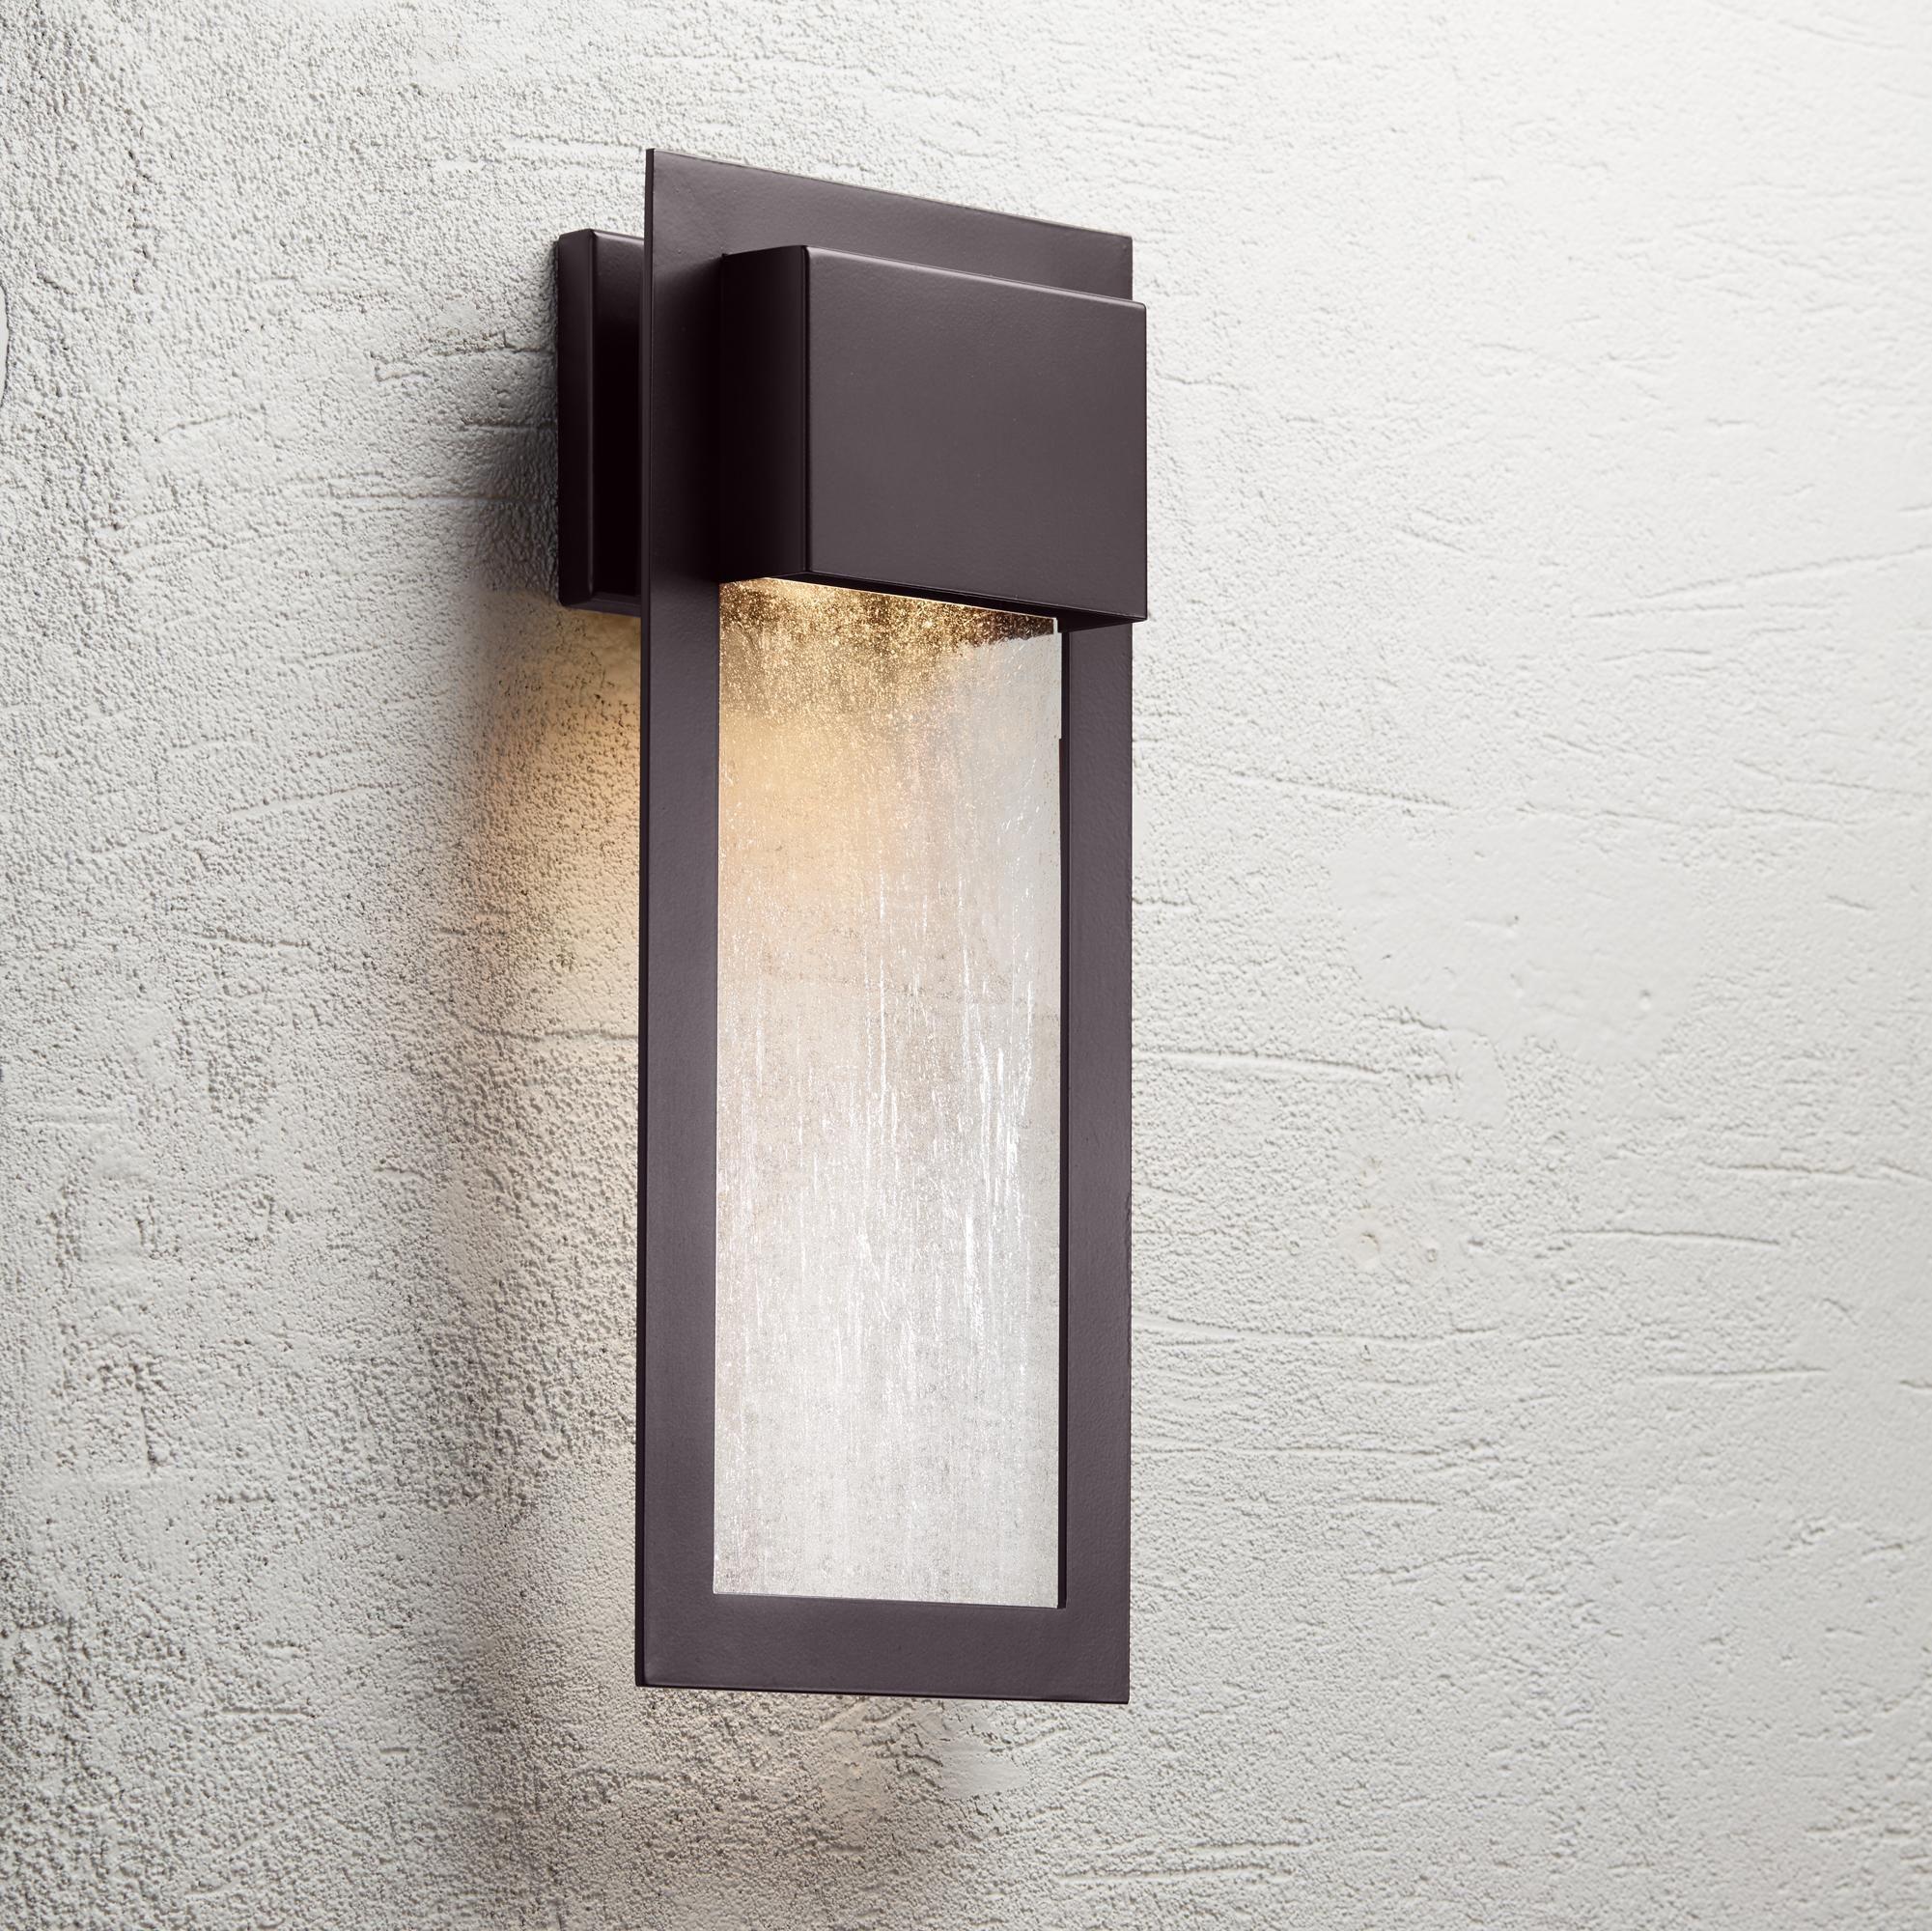 Outdoor Lighting Minka Westgate 20 High Bronze Outdoor Wall Light Outdoor Wall Light Fixtures Outdoor Wall Lighting Modern Exterior Lighting